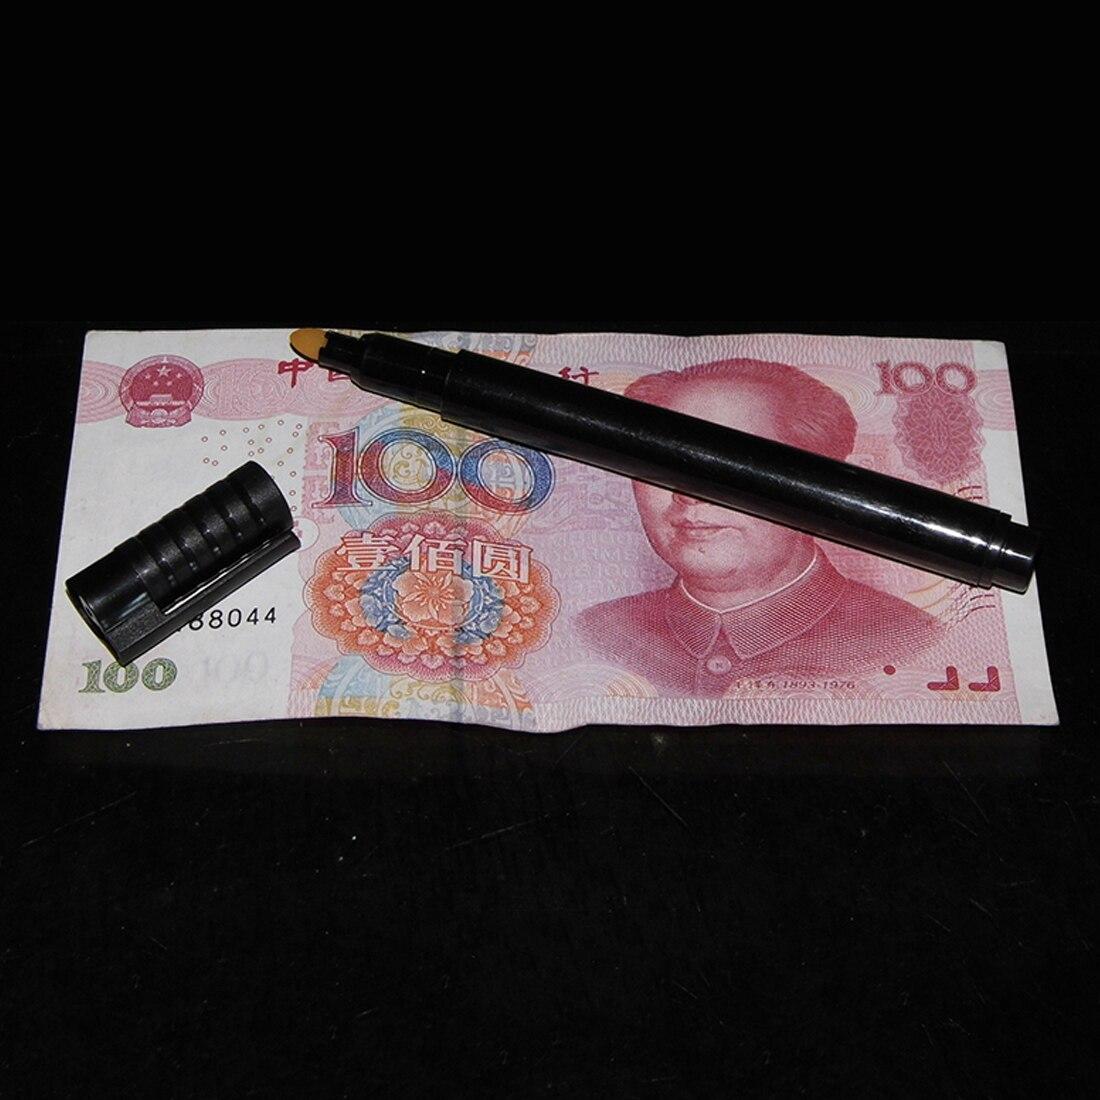 Checker Деньги Определитель фальшивости денег для проверки банкнот 2 шт./компл. поддельных маркер поддельные тестер банкнот чернила ручные инструменты для проверки